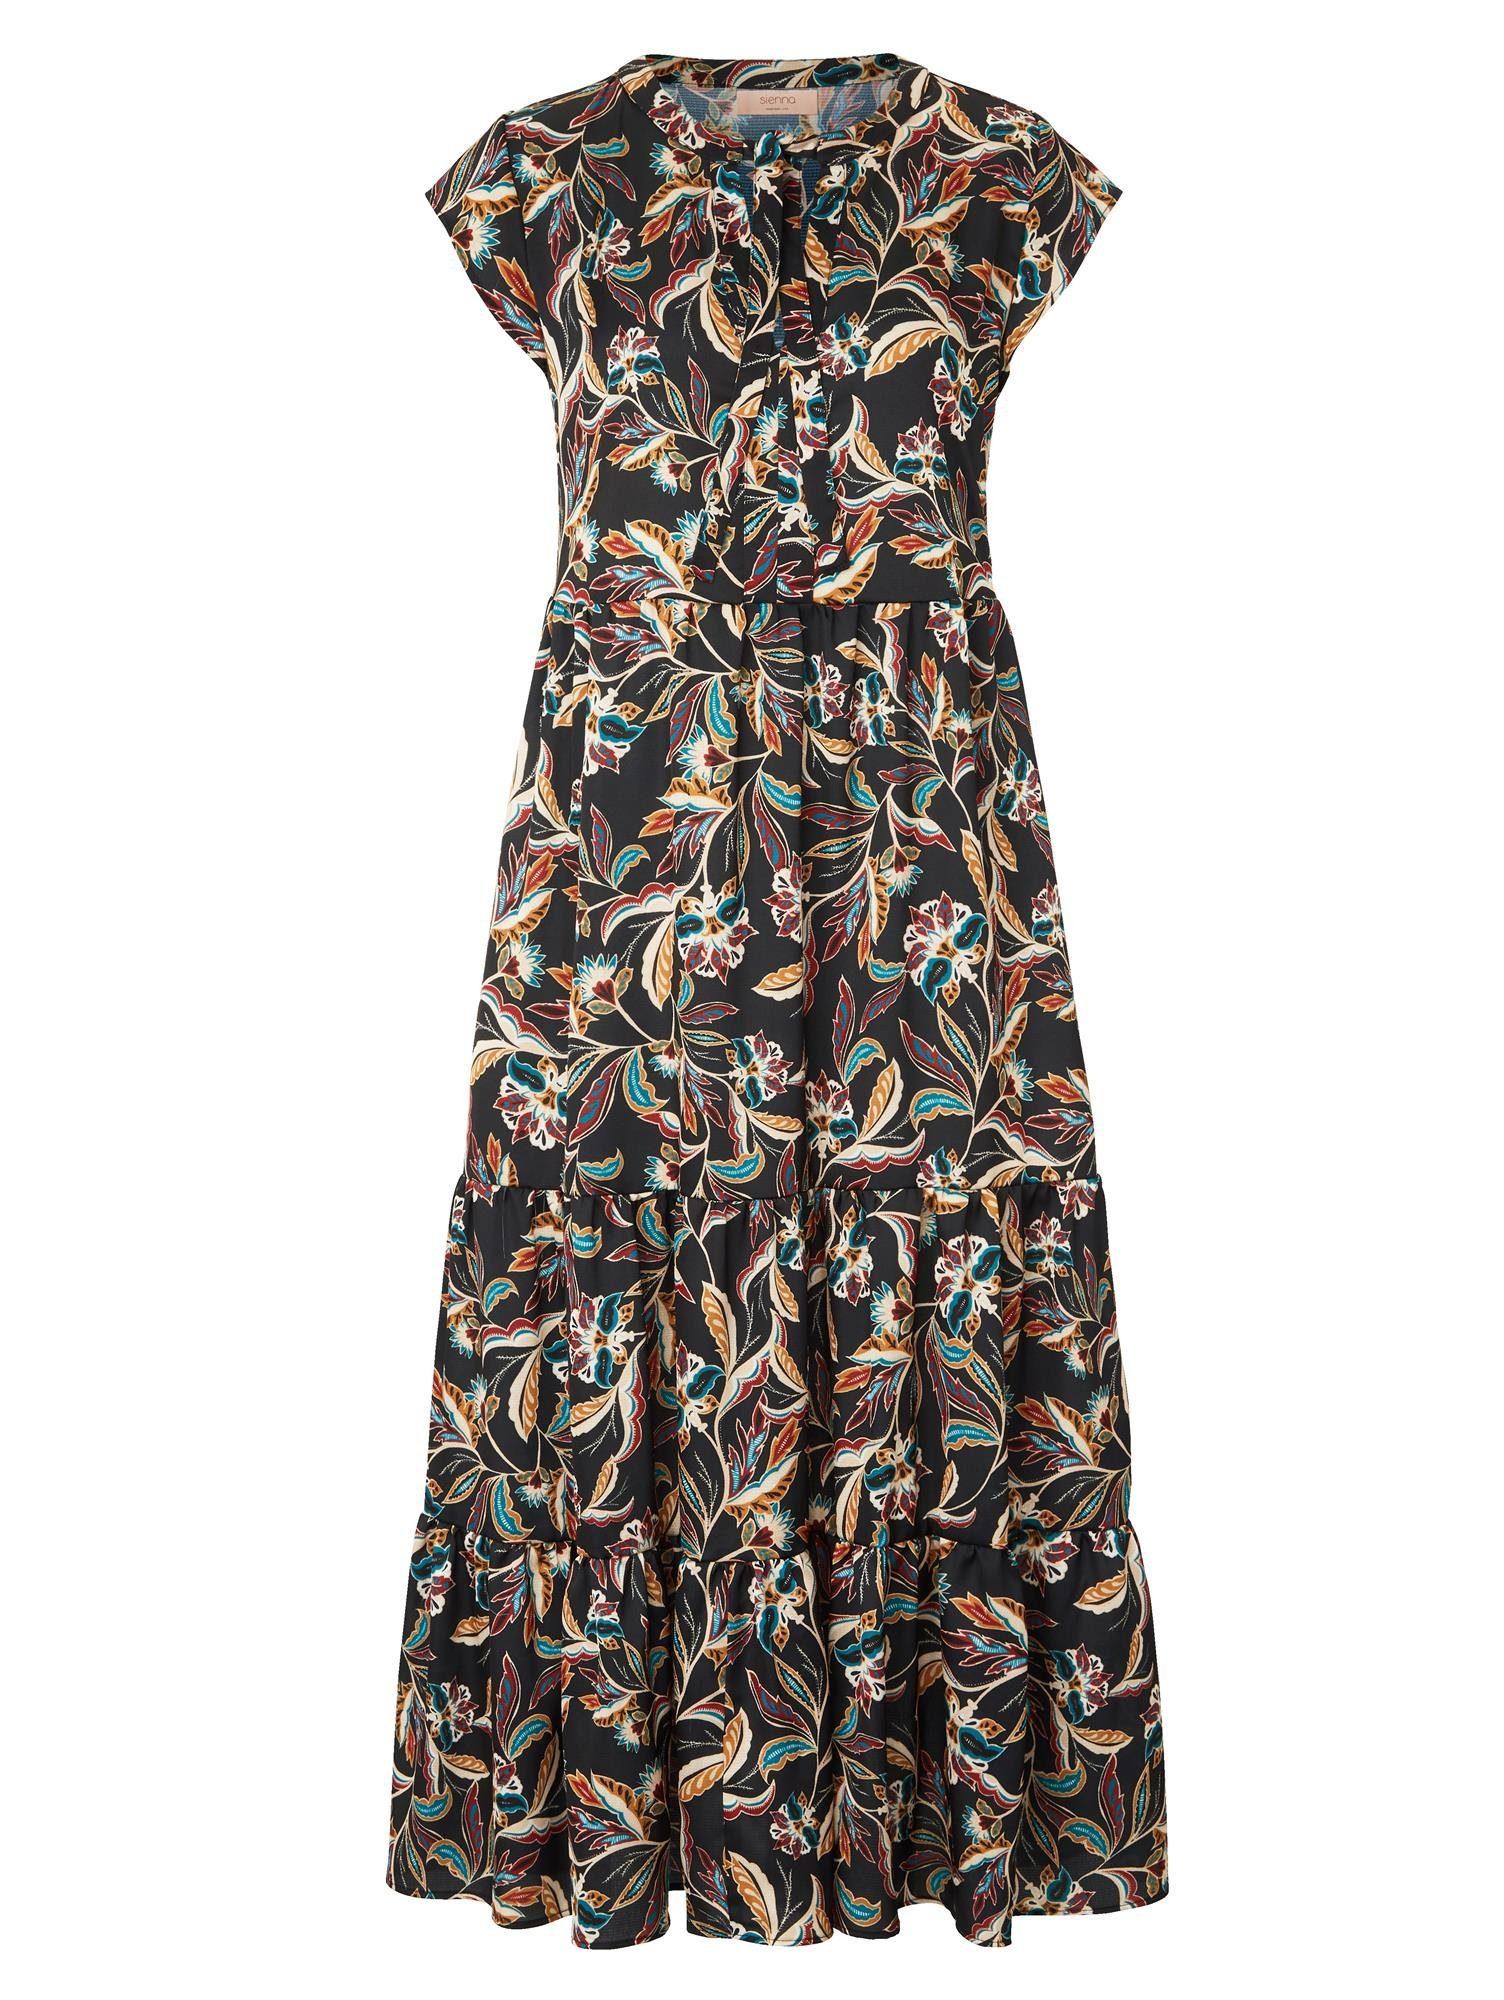 Kleid Online Kleid Online Sienna Kaufen Kaufen Online Sienna Sienna Kleid Online Sienna Kaufen Kleid F1clKJ